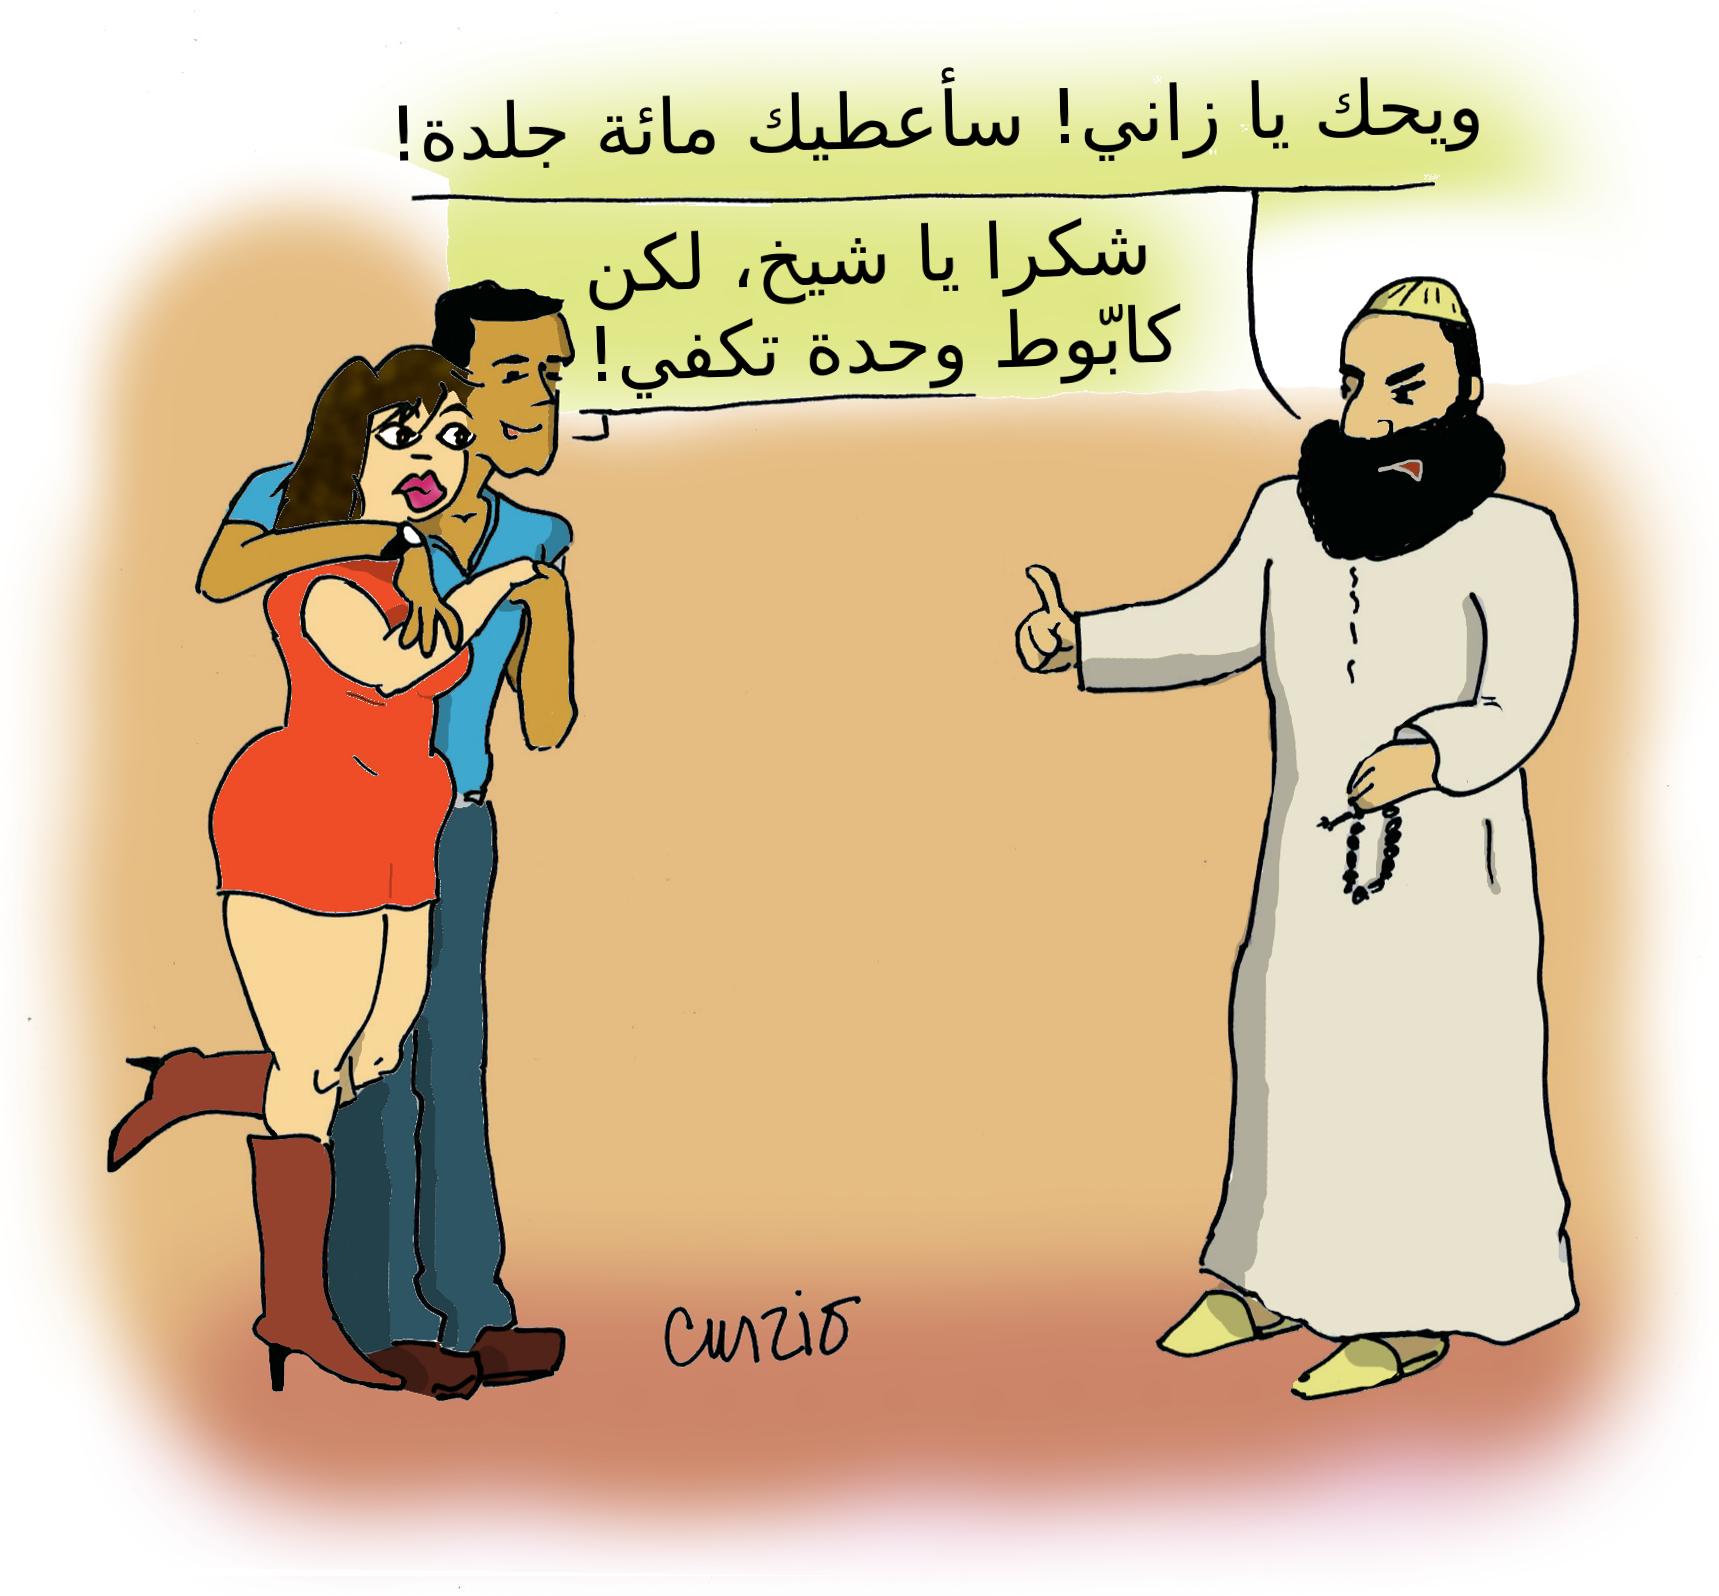 رسول الاسلام يحلل الزنا والراوي يتعجب